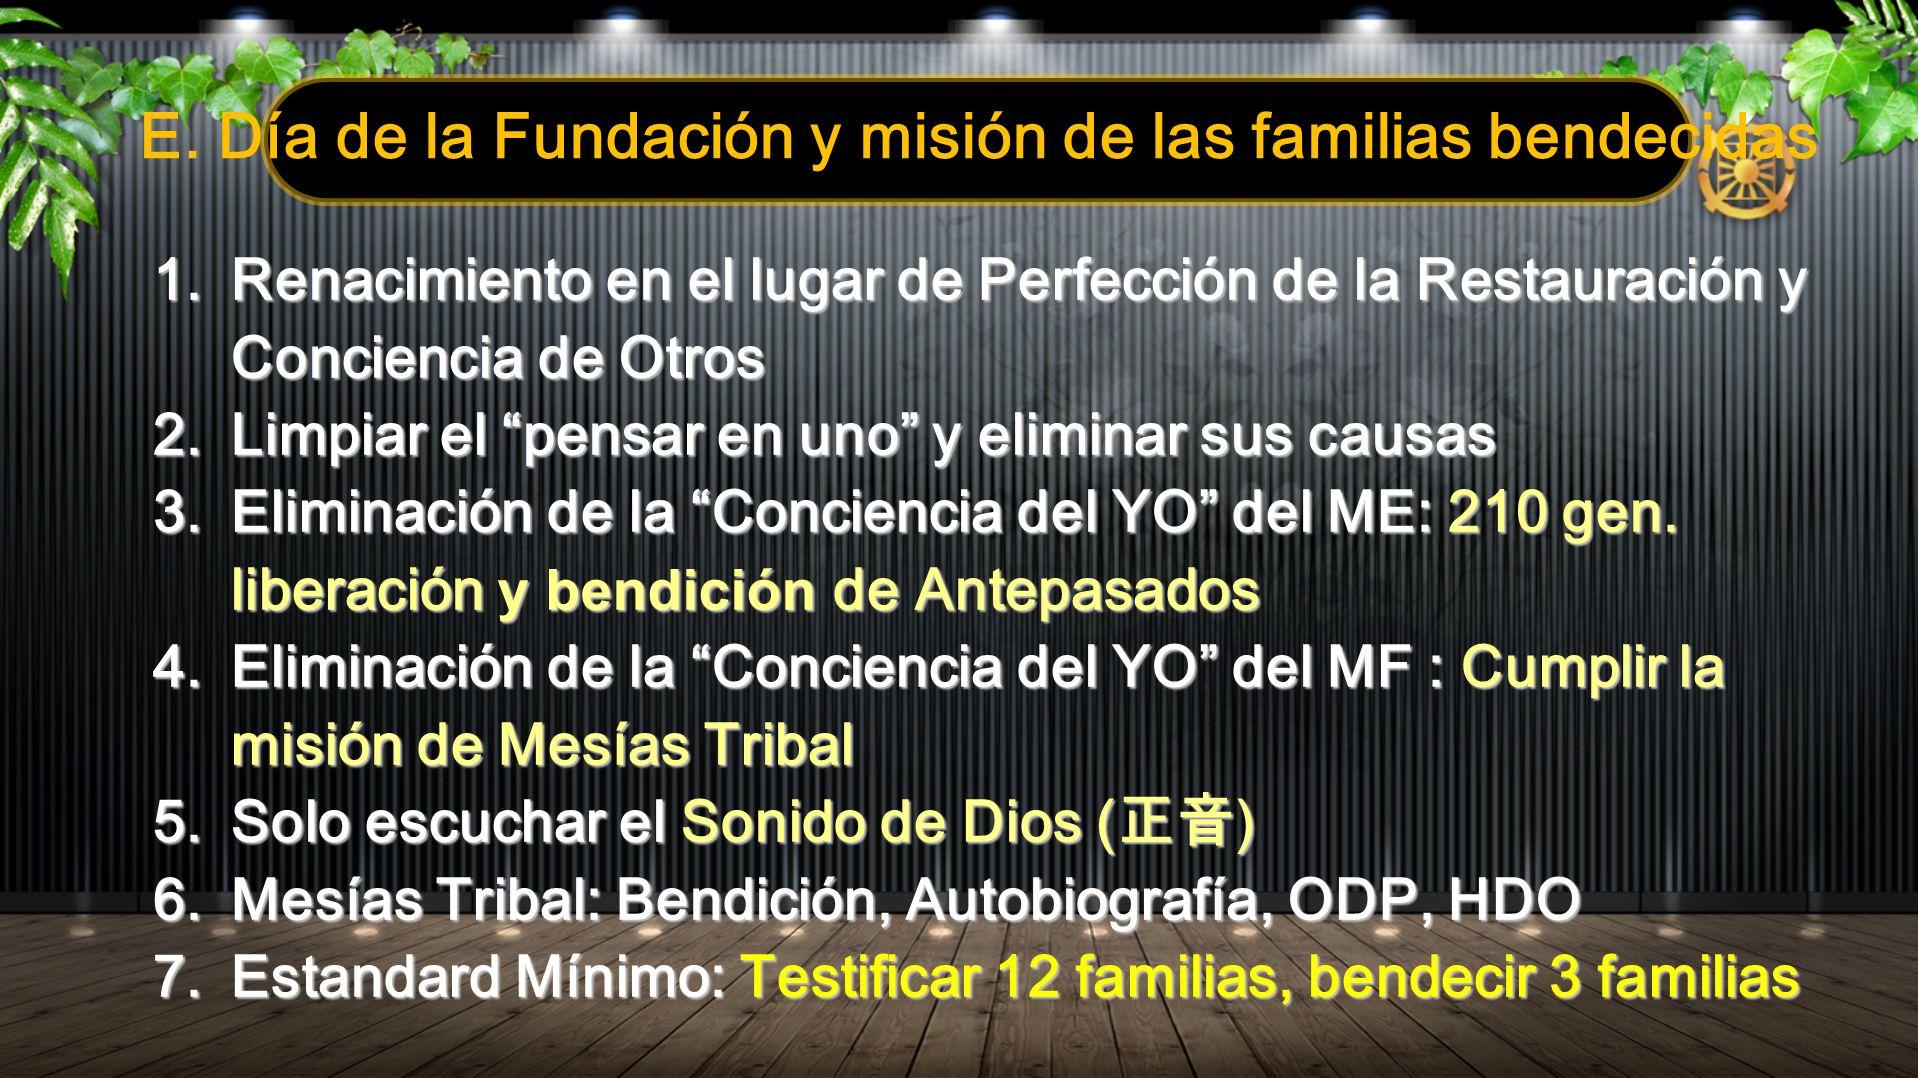 E. Día de la Fundación y misión de las familias bendecidas